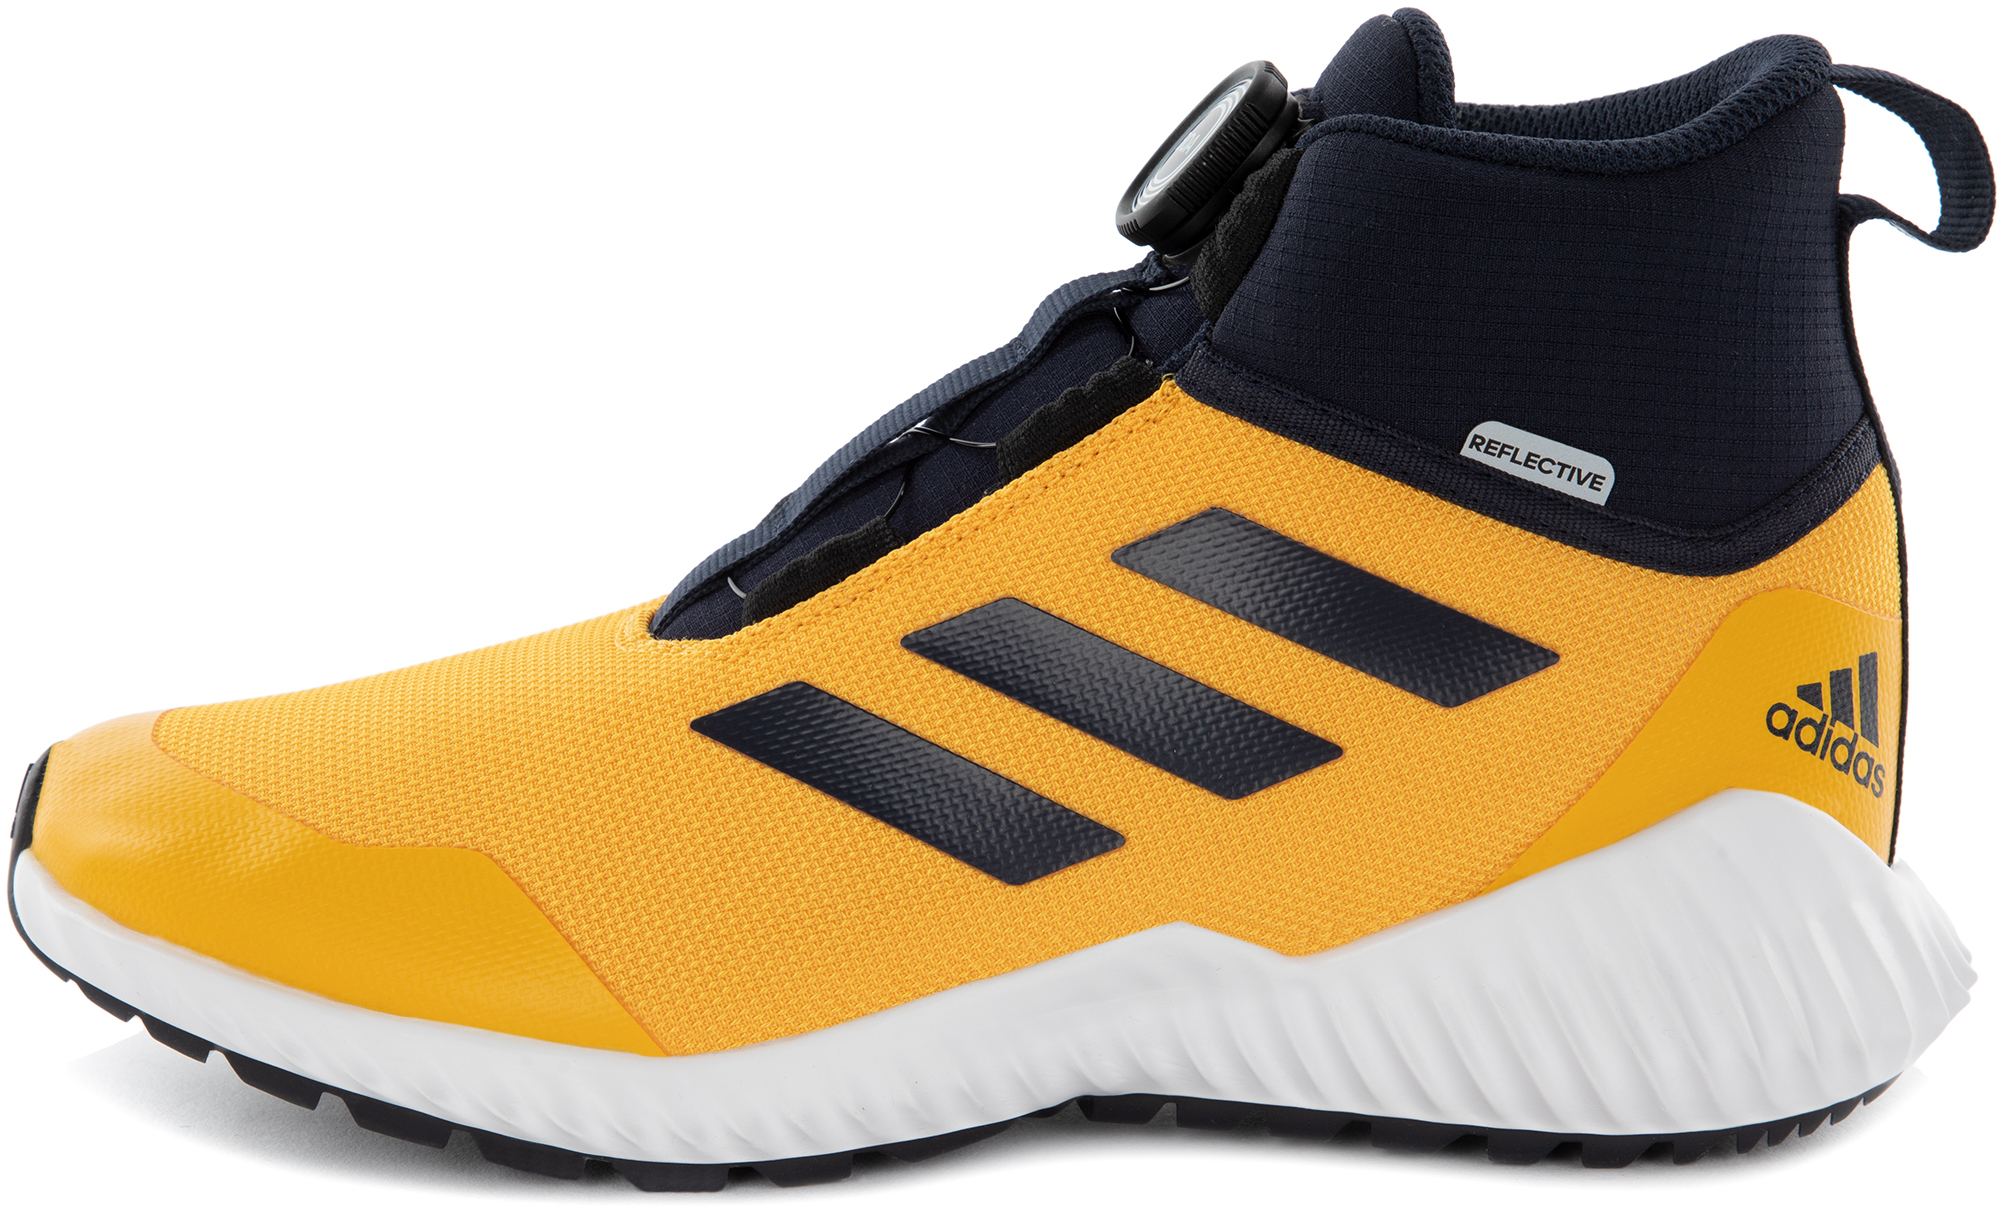 цена Adidas Кроссовки детские утепленные Adidas FortaTrail BOA, размер 38,5 онлайн в 2017 году